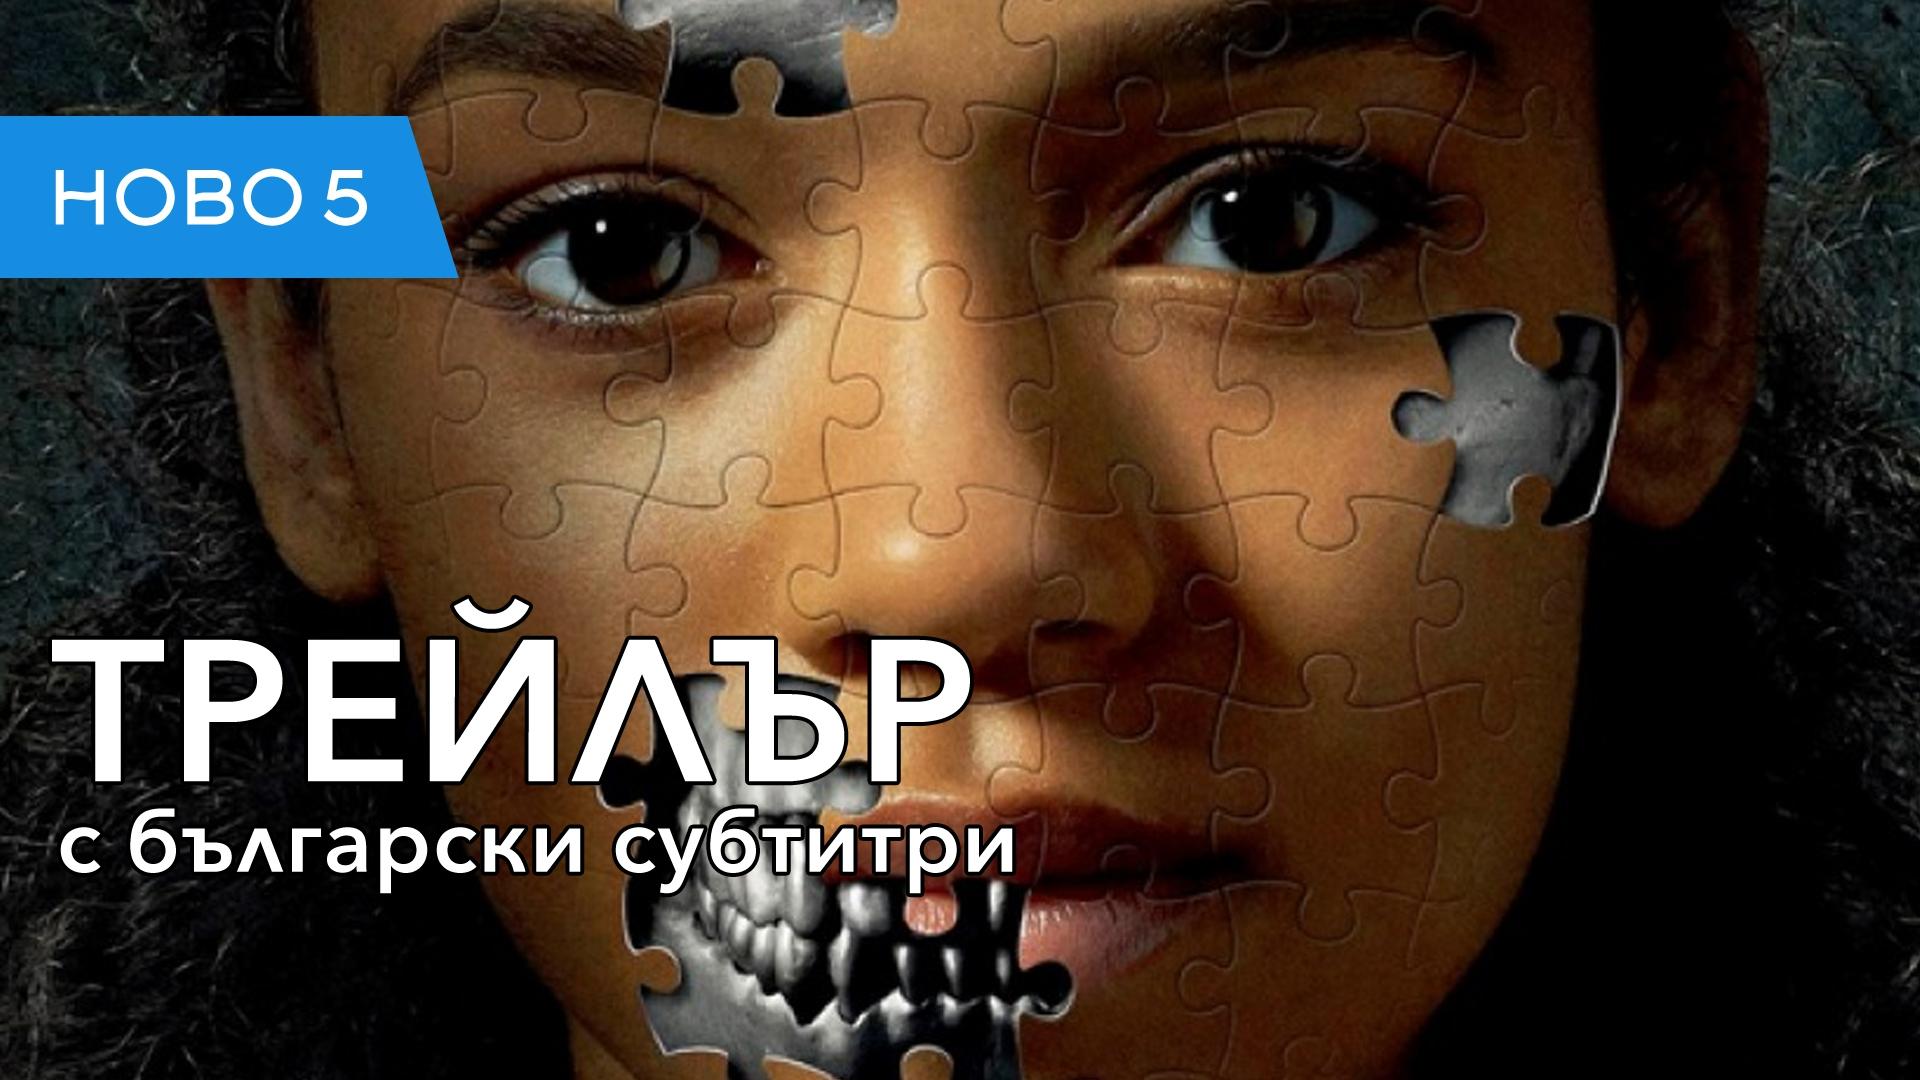 Escape Room: Играй или умри (2019) трейлър с български субтитри